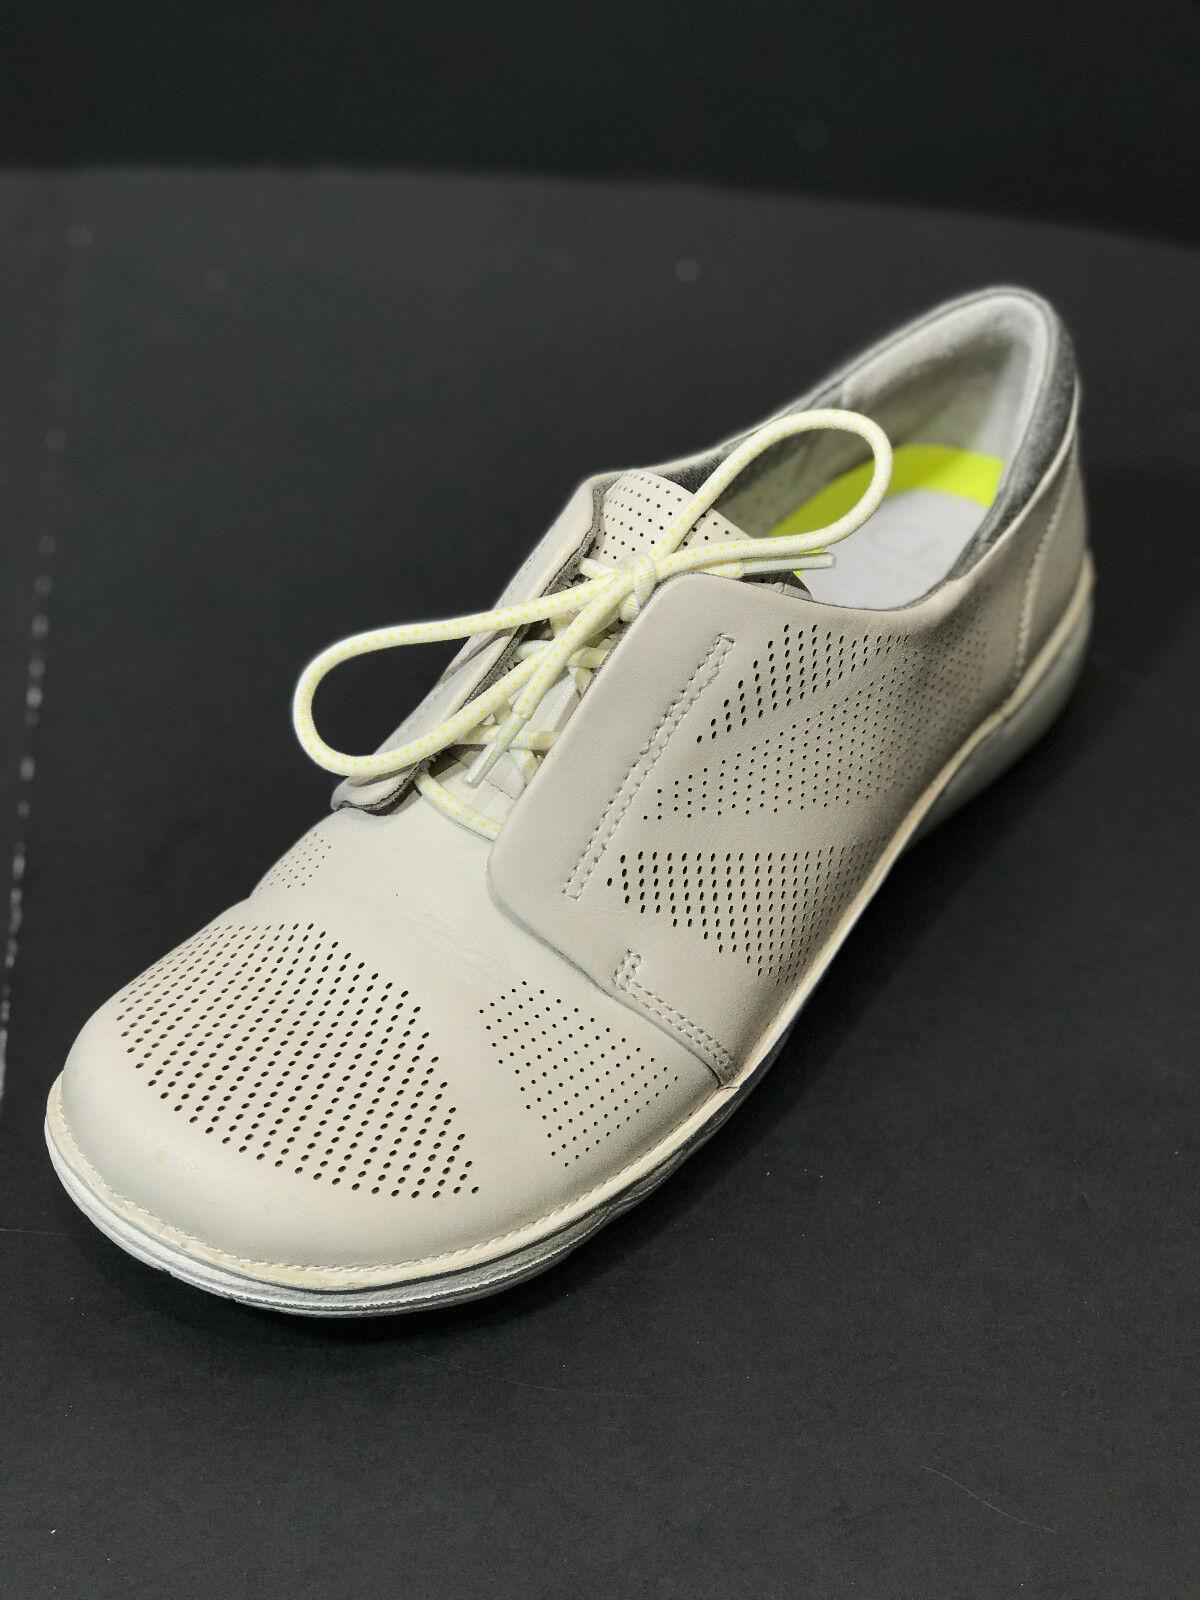 vanno a ruba Clarks Clarks Clarks Artisan Unstructured Un Voltra bianca Leather Lace Casual donna scarpe 6.5W  trova il tuo preferito qui